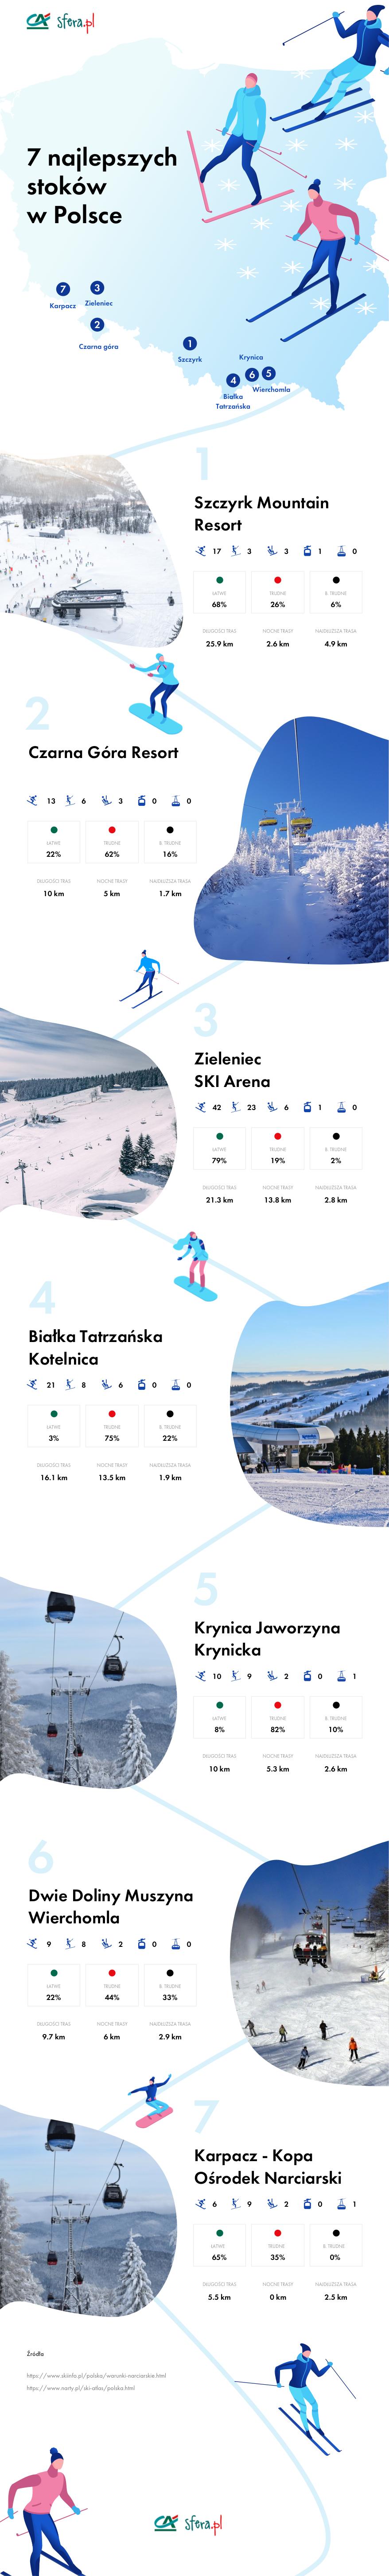 Lista 7 najlepszych stoków narciarskich na zimowy wypad w 2019 roku: Karpacz, Zieleniec, Czarna Góra, Szczyrk, Krynica, Białka Tatrzańska, Wierchomla